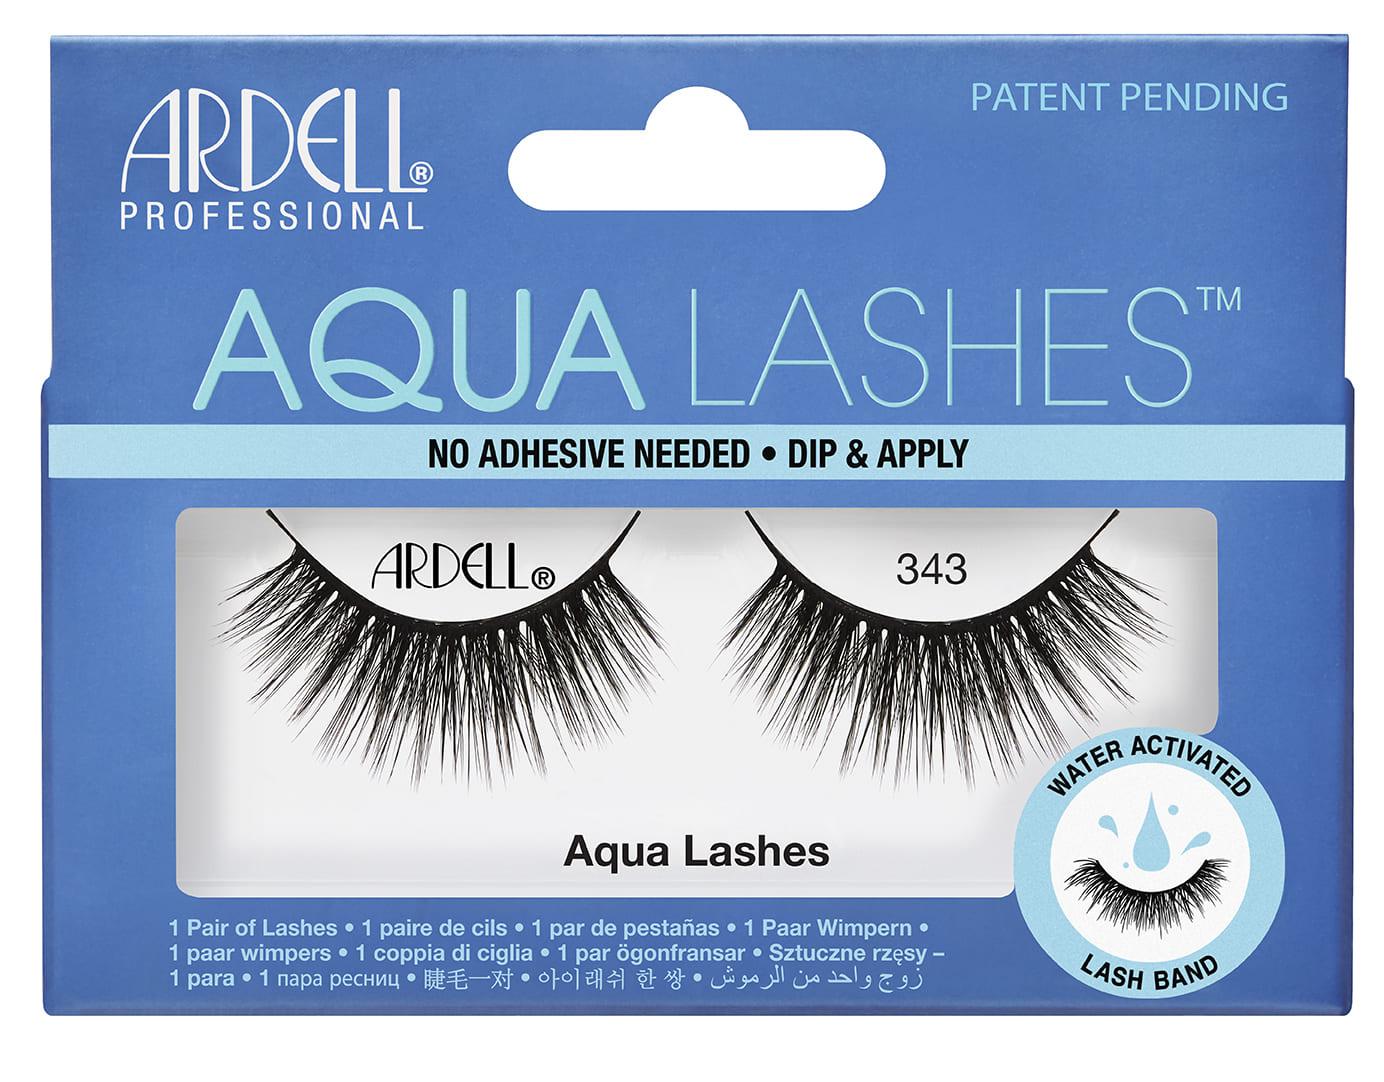 63404 Aqua Lashes 343 Front Box